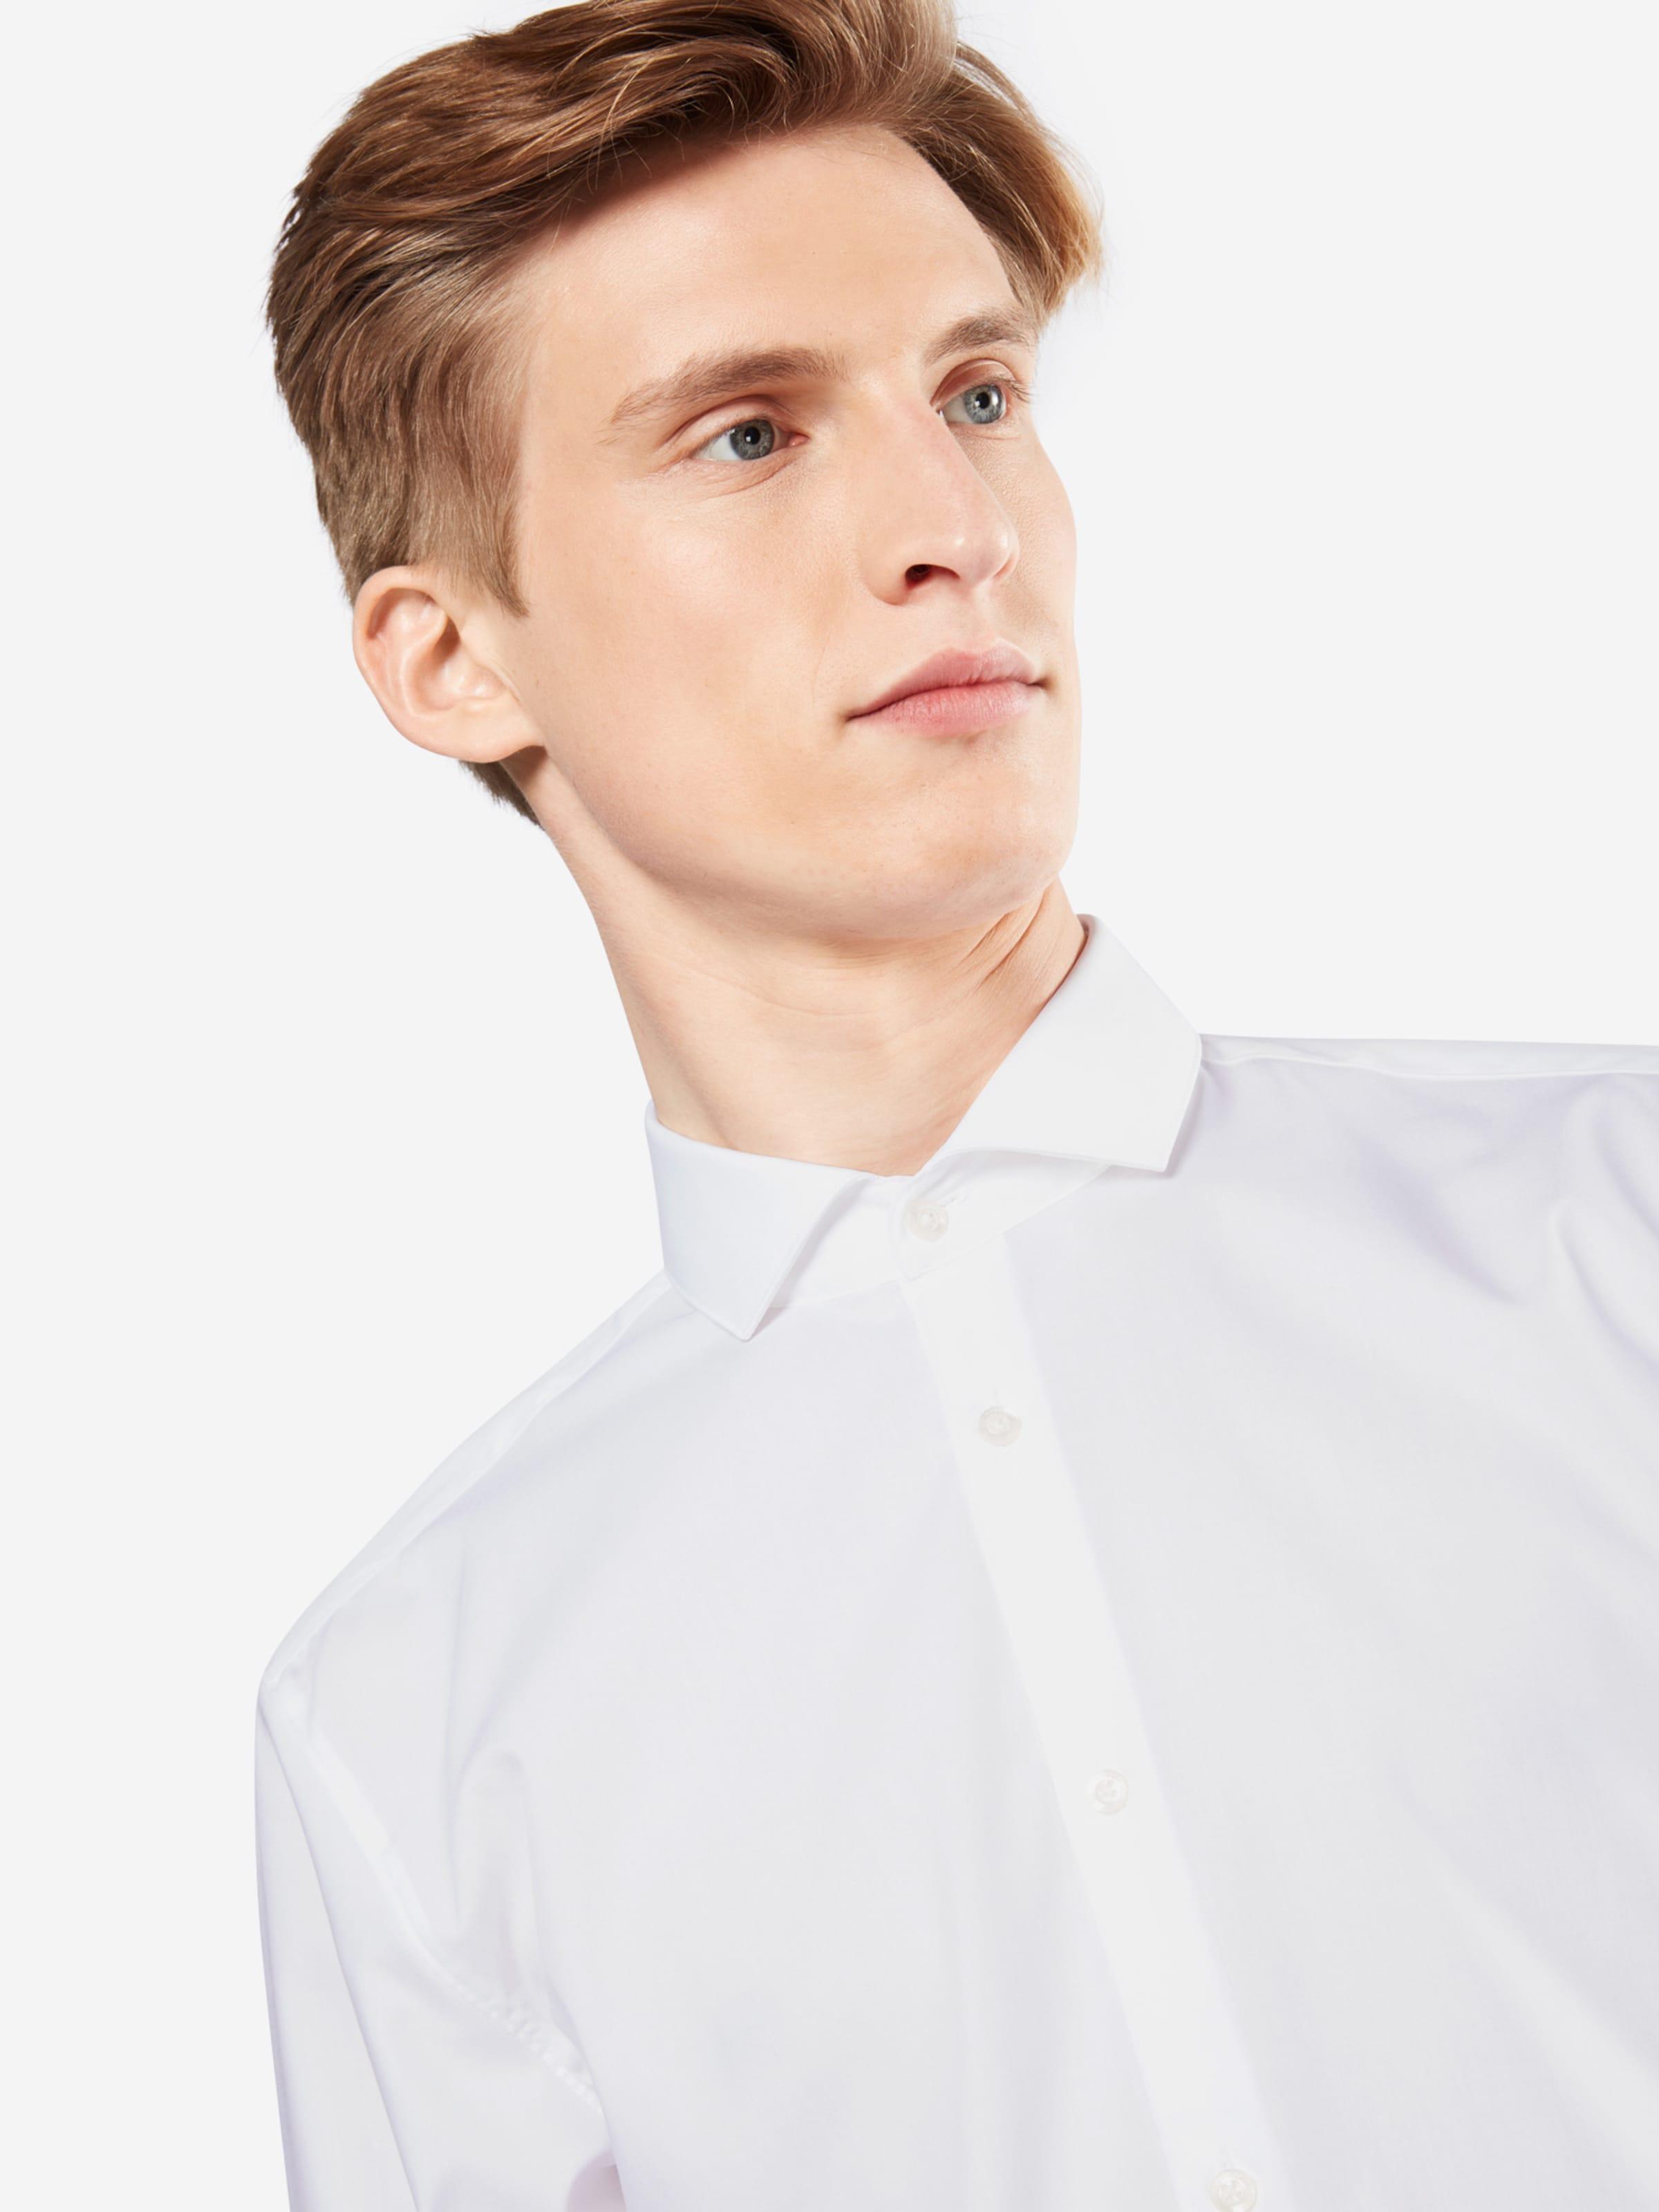 Super Angebote Freies Verschiffen Schnelle Lieferung HUGO Extra slim fit Business-Hemd 'Erriko' Verkauf Authentisch jySOEC71Rk